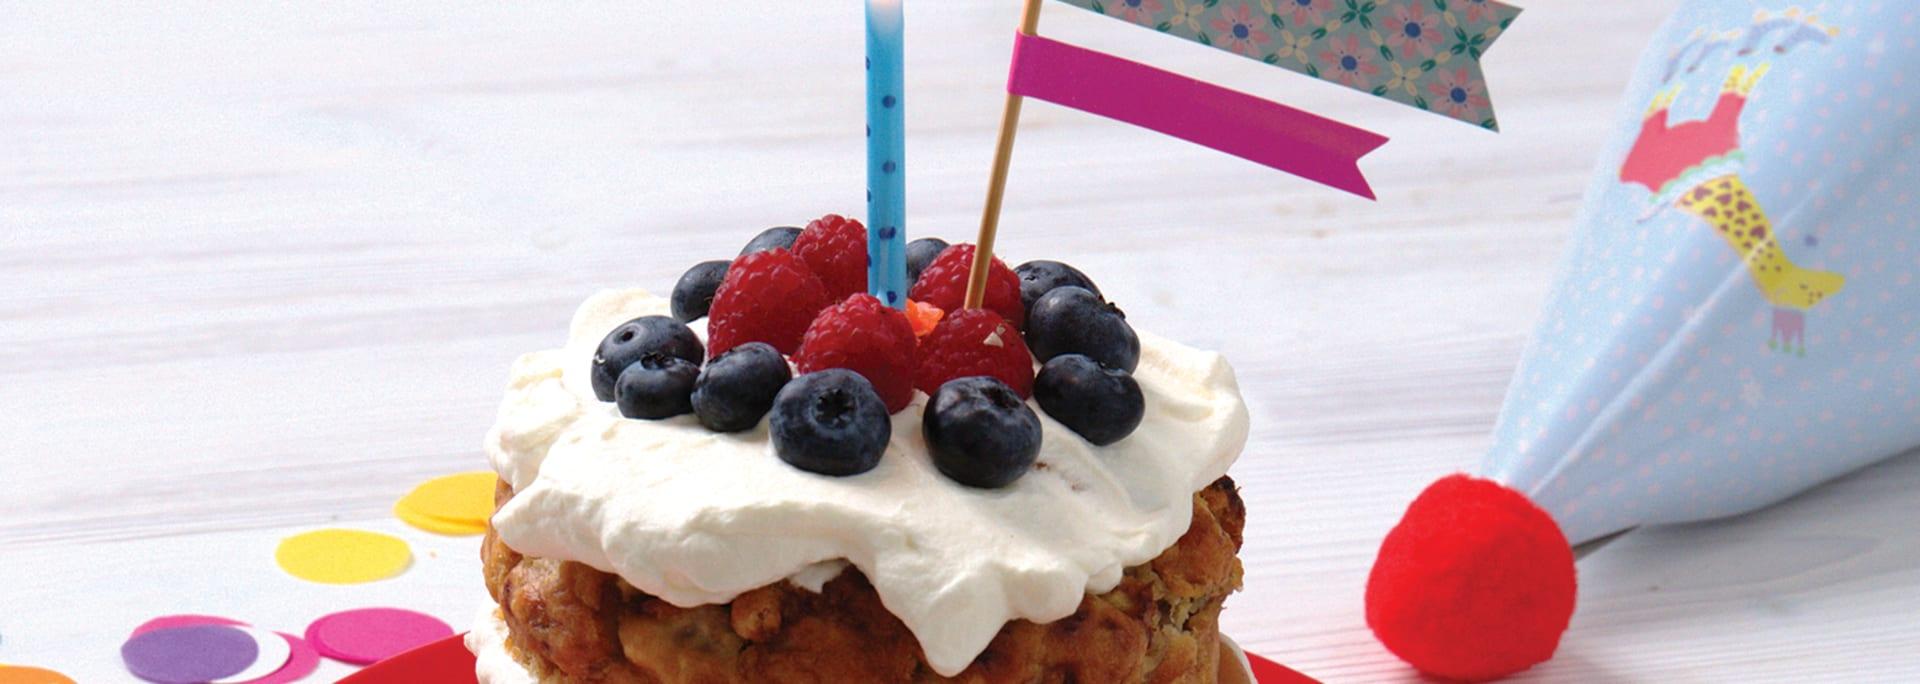 Receptfilm Osockrad tårta - Semper Barnmat